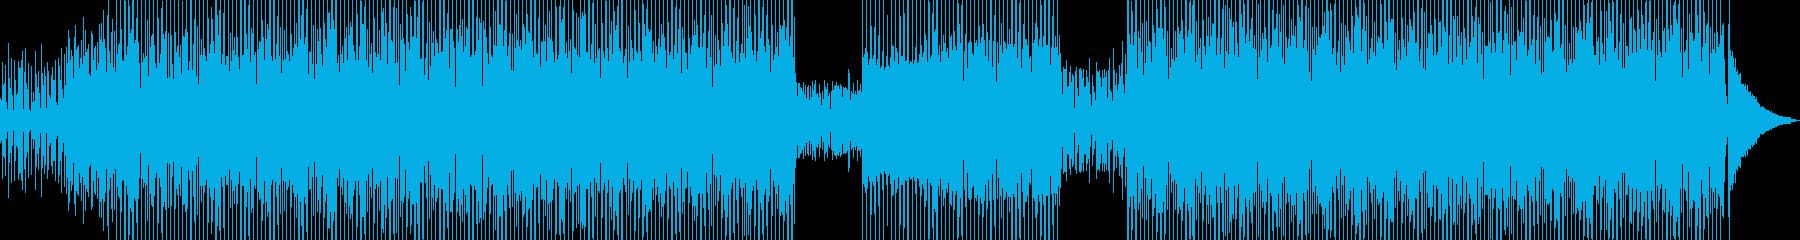 和カフェをイメージしたテクノ Cの再生済みの波形